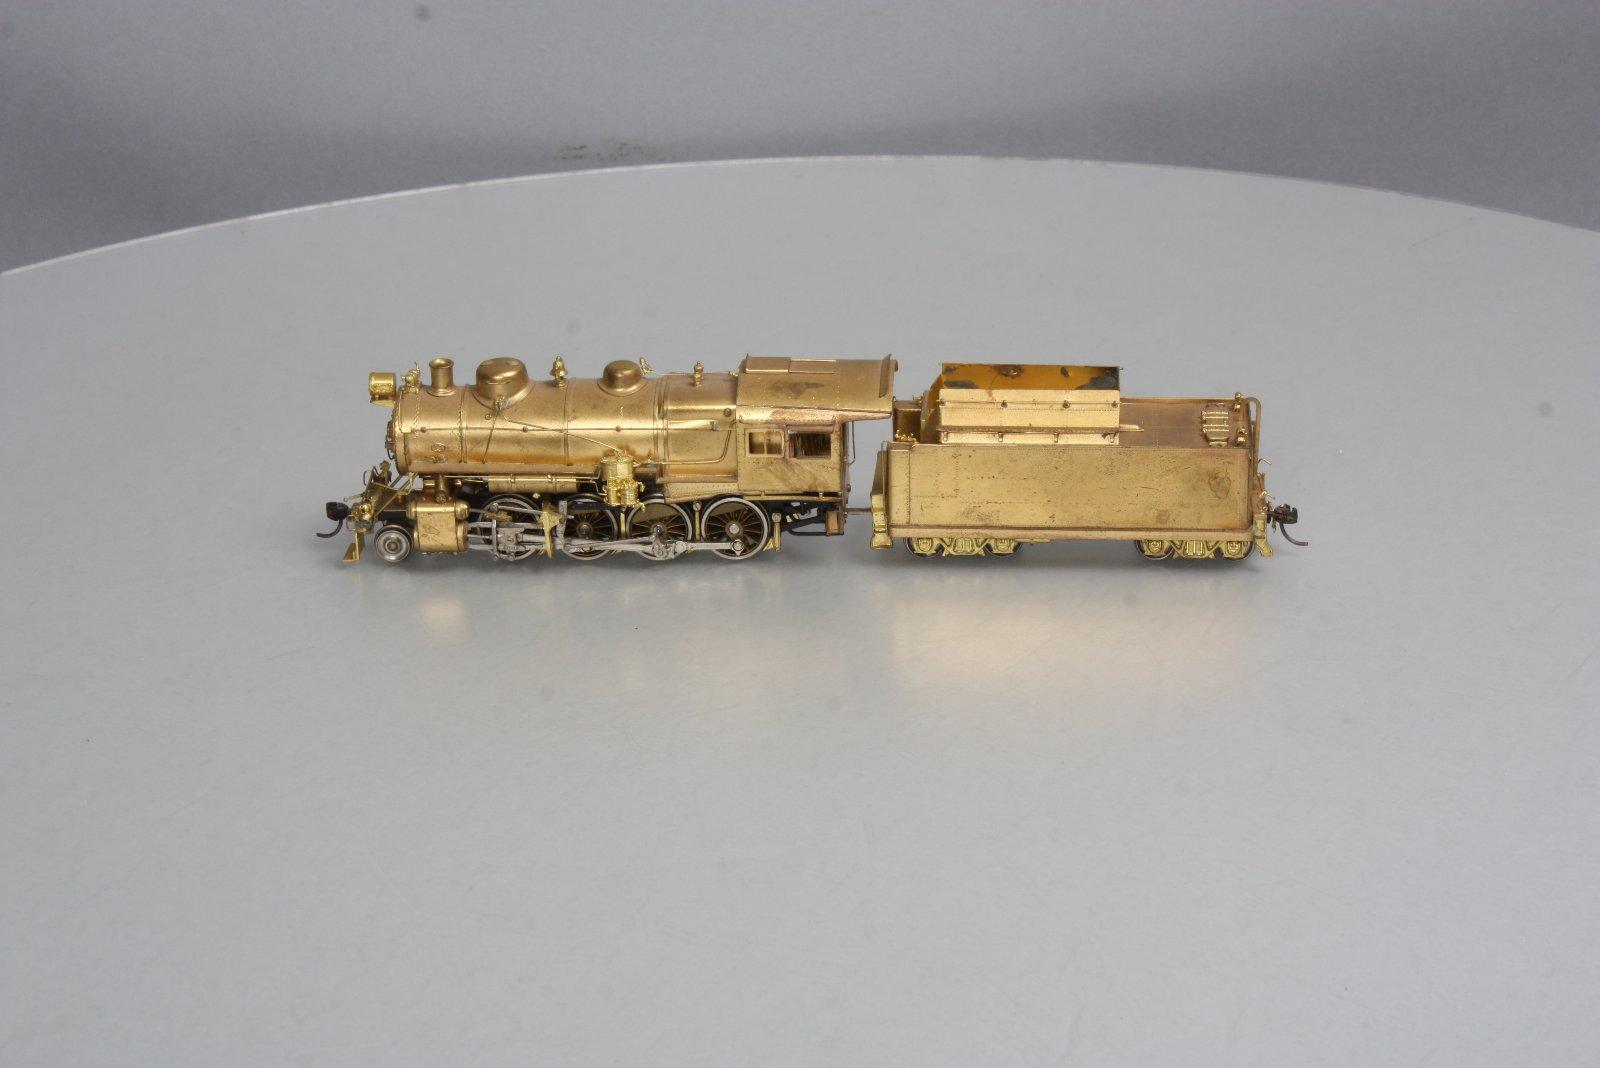 lionel tmcc wiring diagram lionel tmcc controls wiring